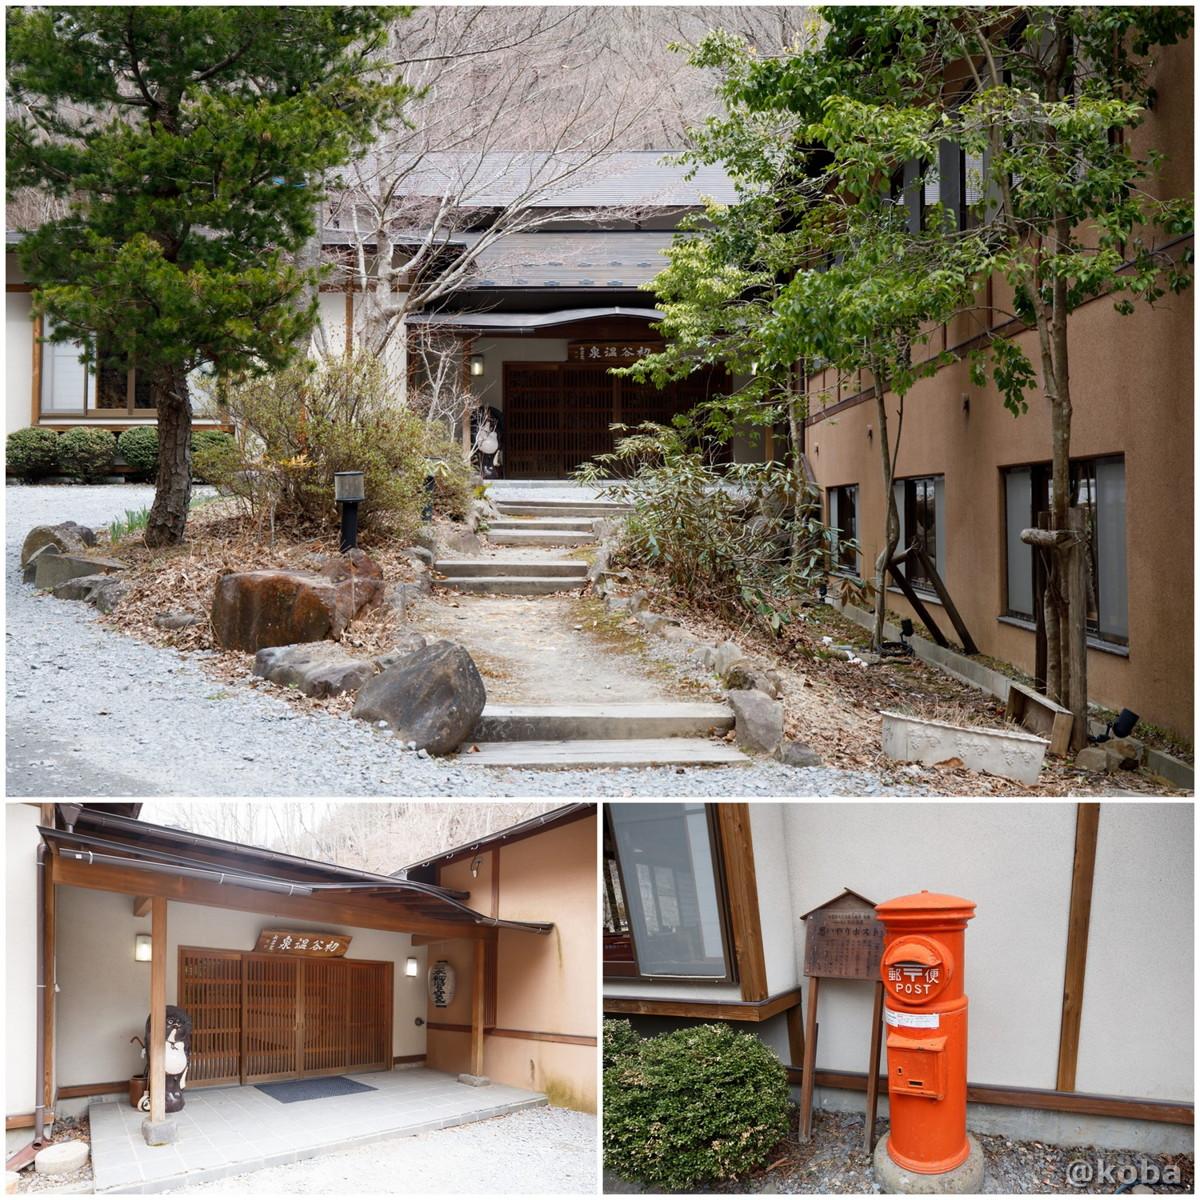 外観玄関前と赤いポストの写真|内山峠 初谷温泉(うちやまとうげ しょやおんせん)|長野県佐久市